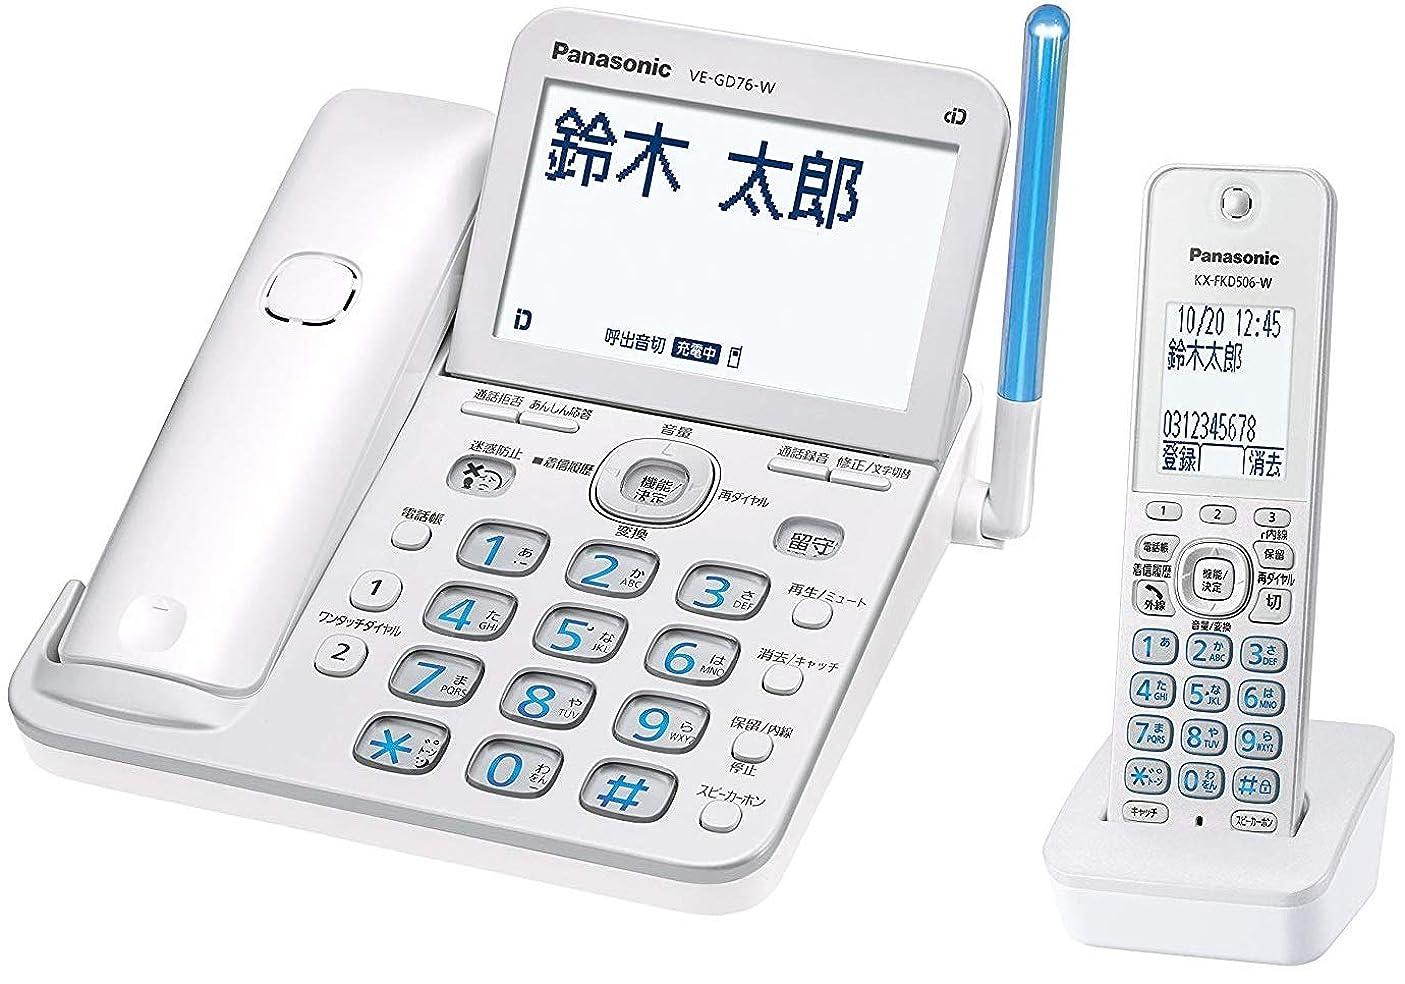 ロビーメイン有料パナソニック RU?RU?RU デジタルコードレス電話機 子機2台付き 1.9GHz DECT準拠方式 ホワイト VE-GD26DW-W